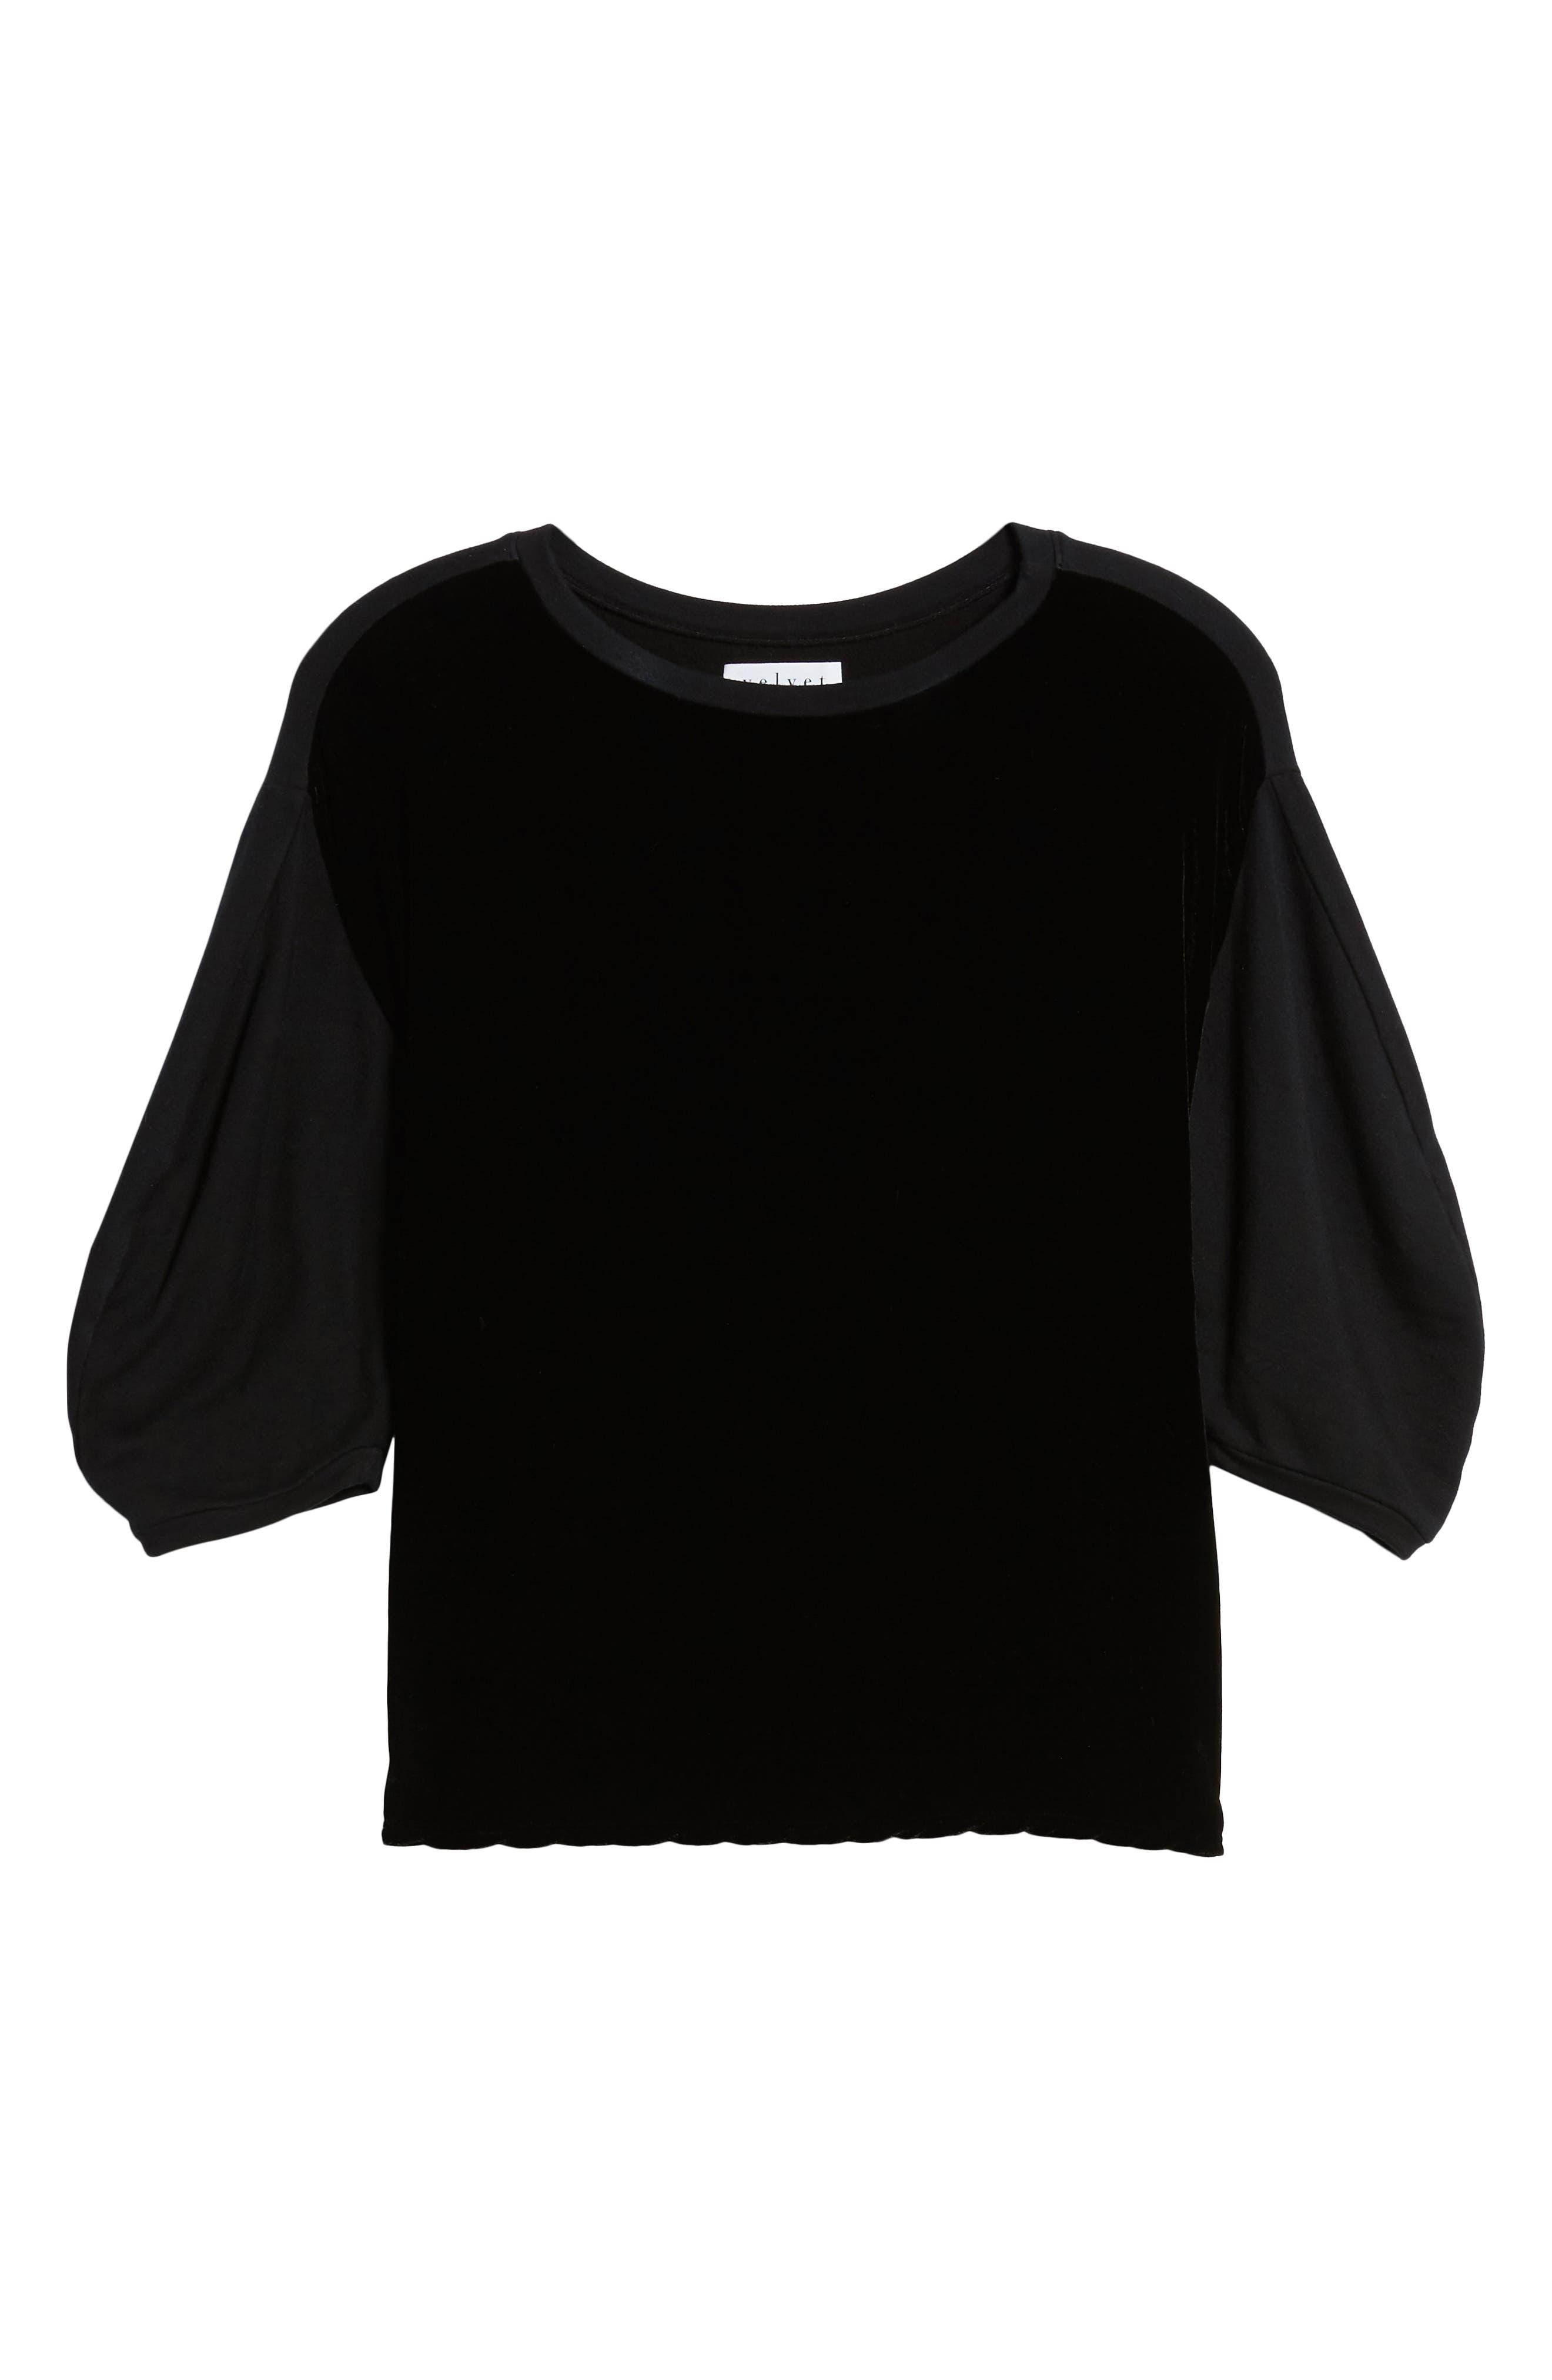 Velvet & Fleece Half Sleeve Top,                             Alternate thumbnail 6, color,                             BLACK